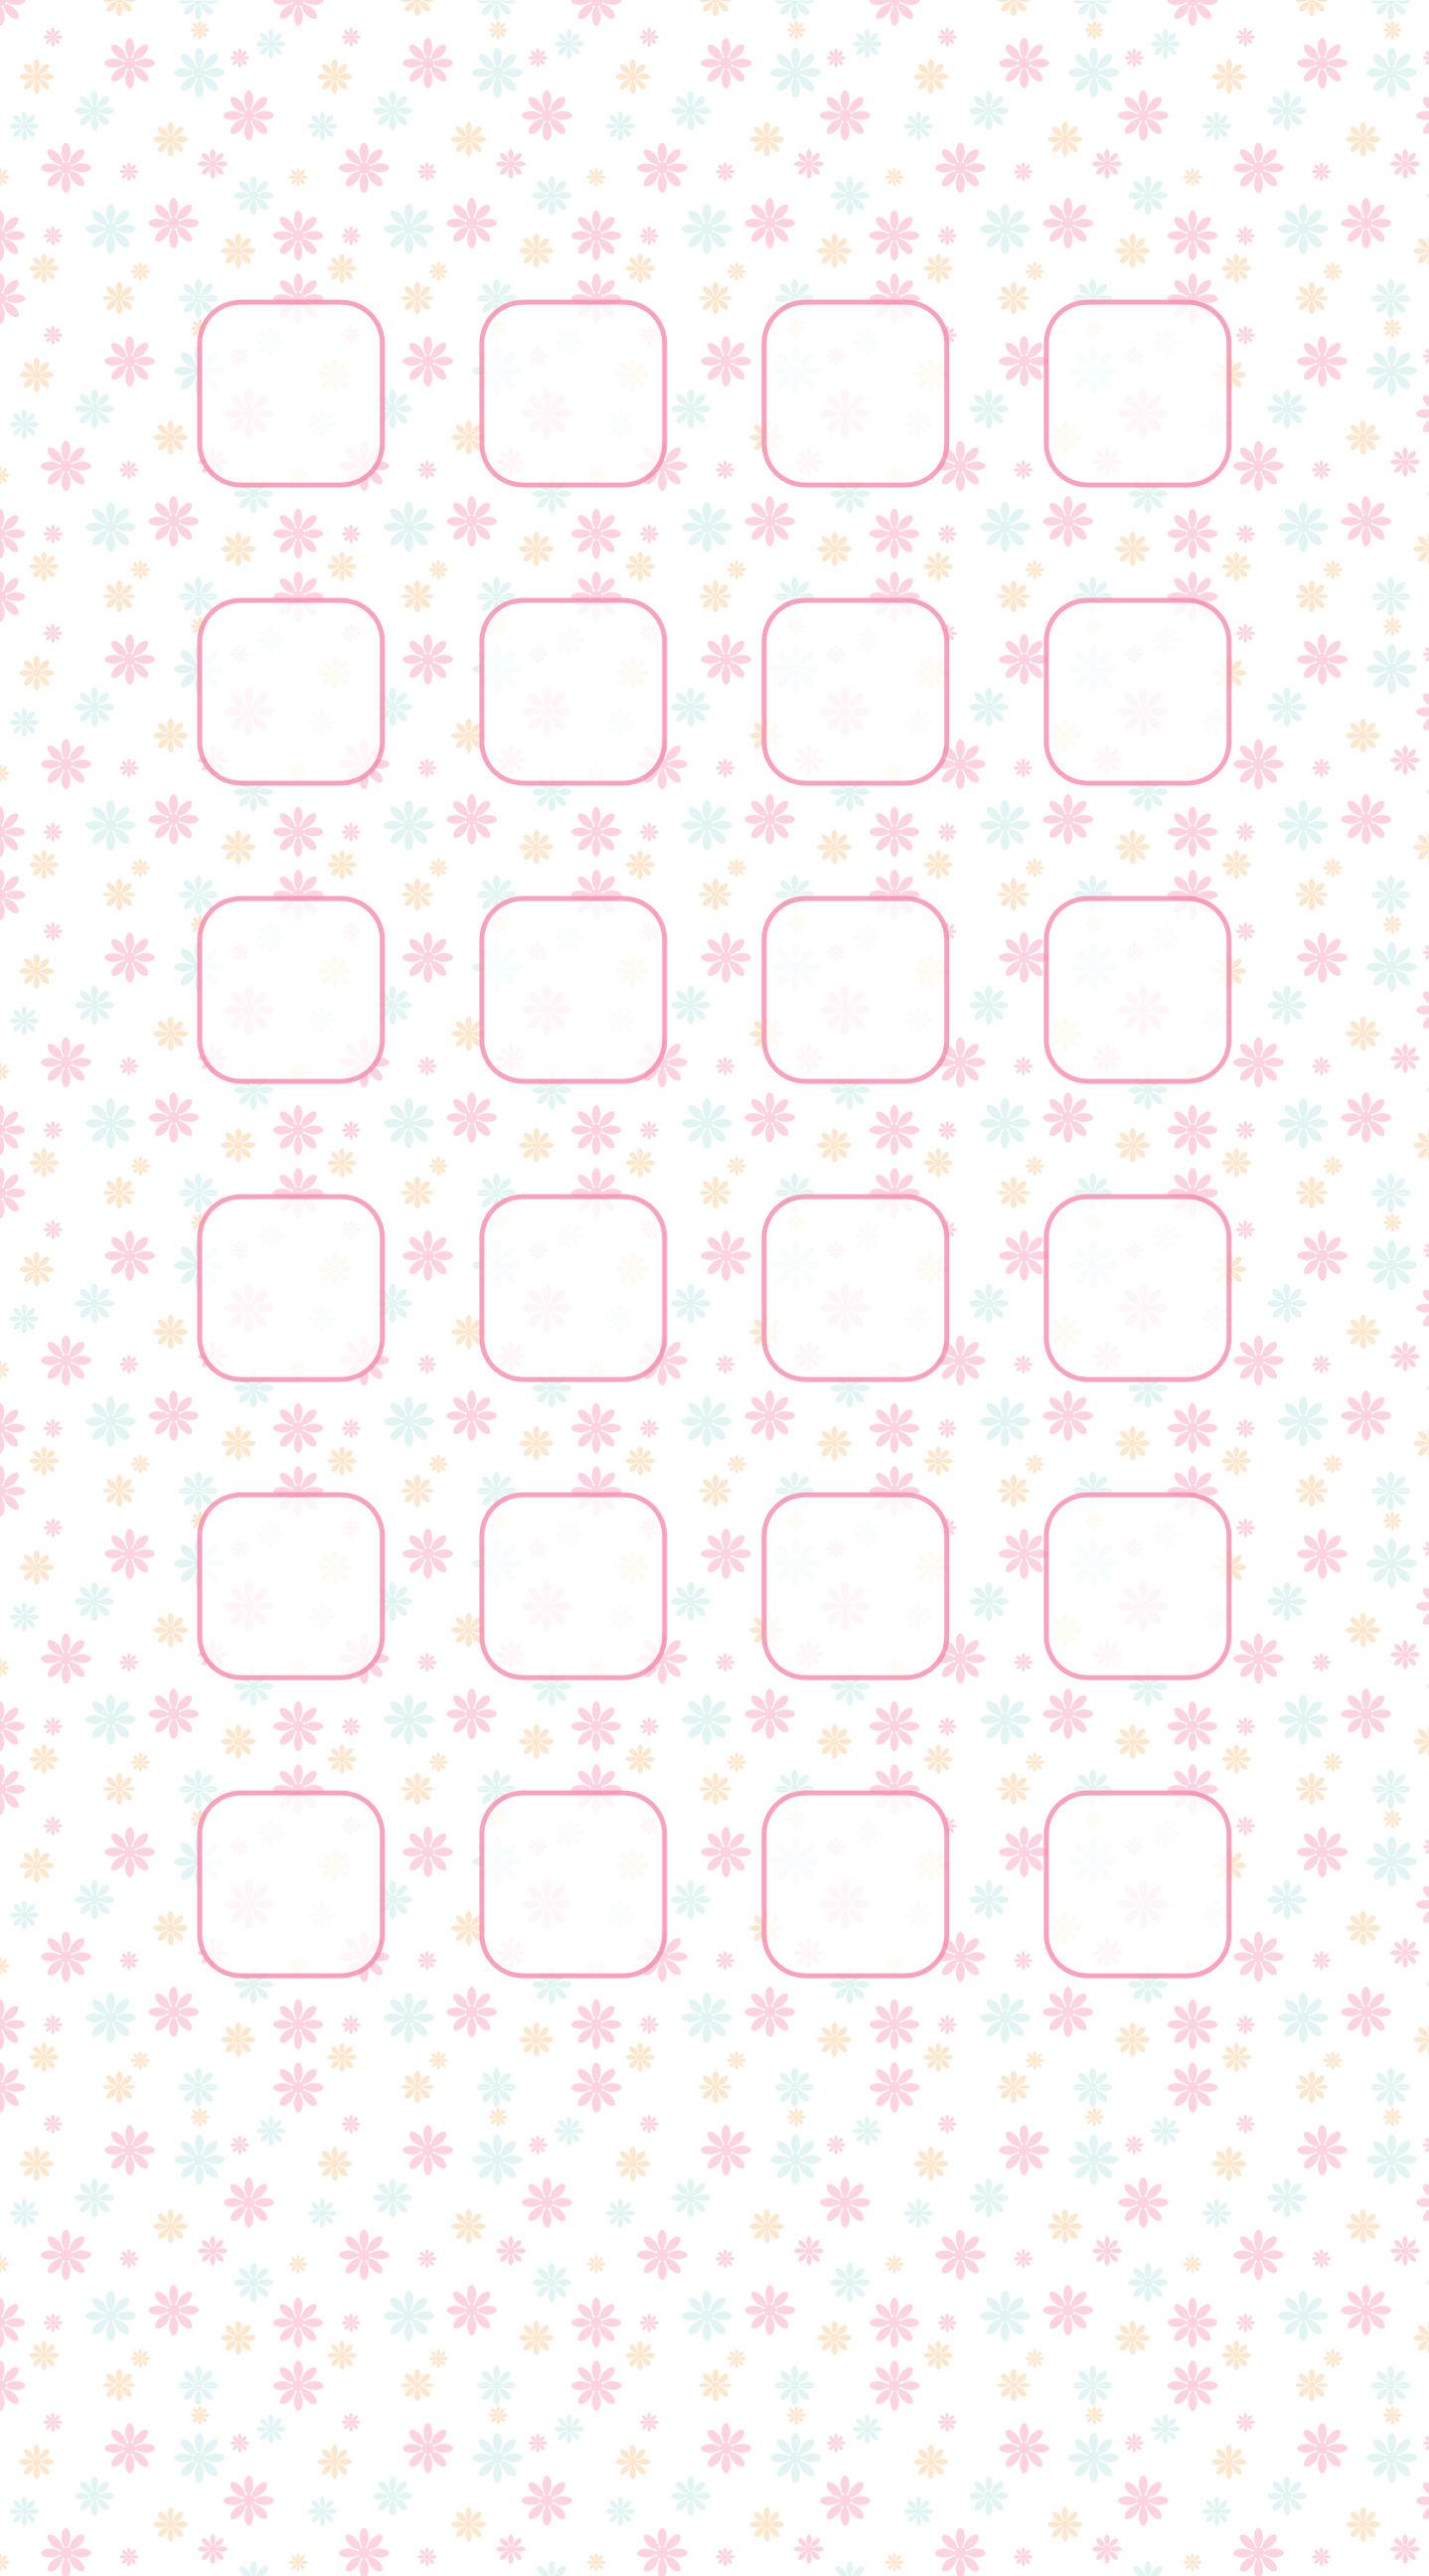 Flowers Wallpaper Iphone 6 Plus Flowers Healthy